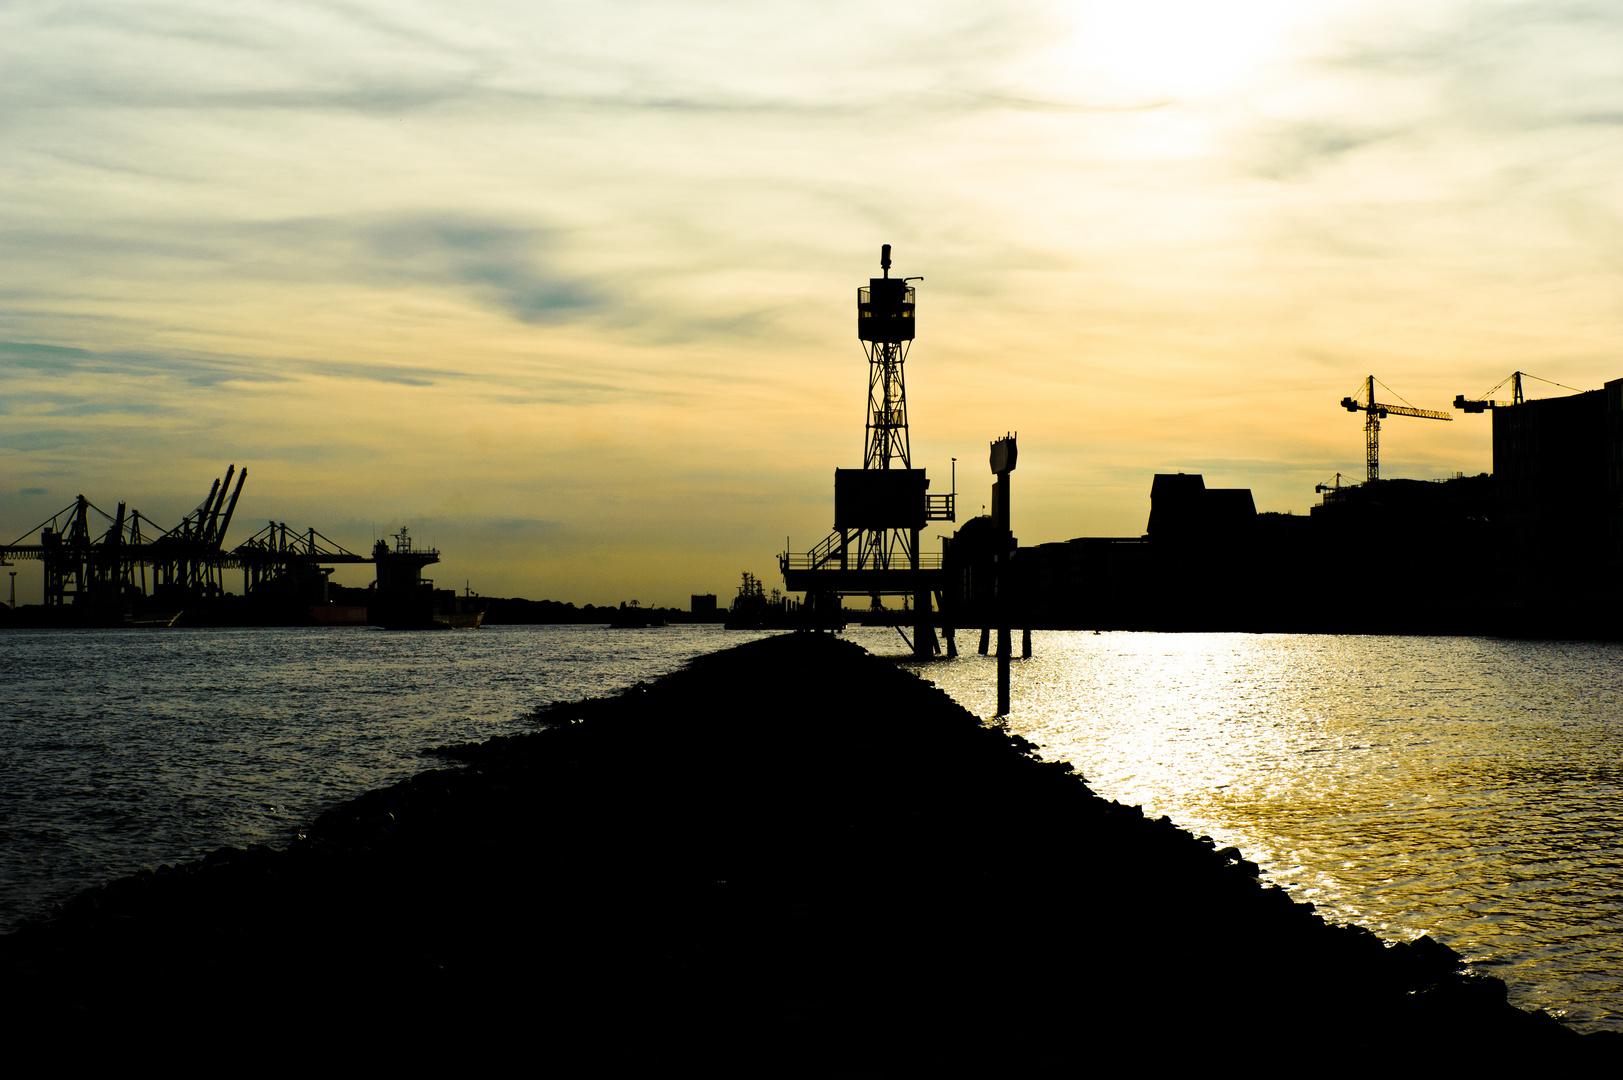 Dockland Radar auf Elbkai, Hamburg